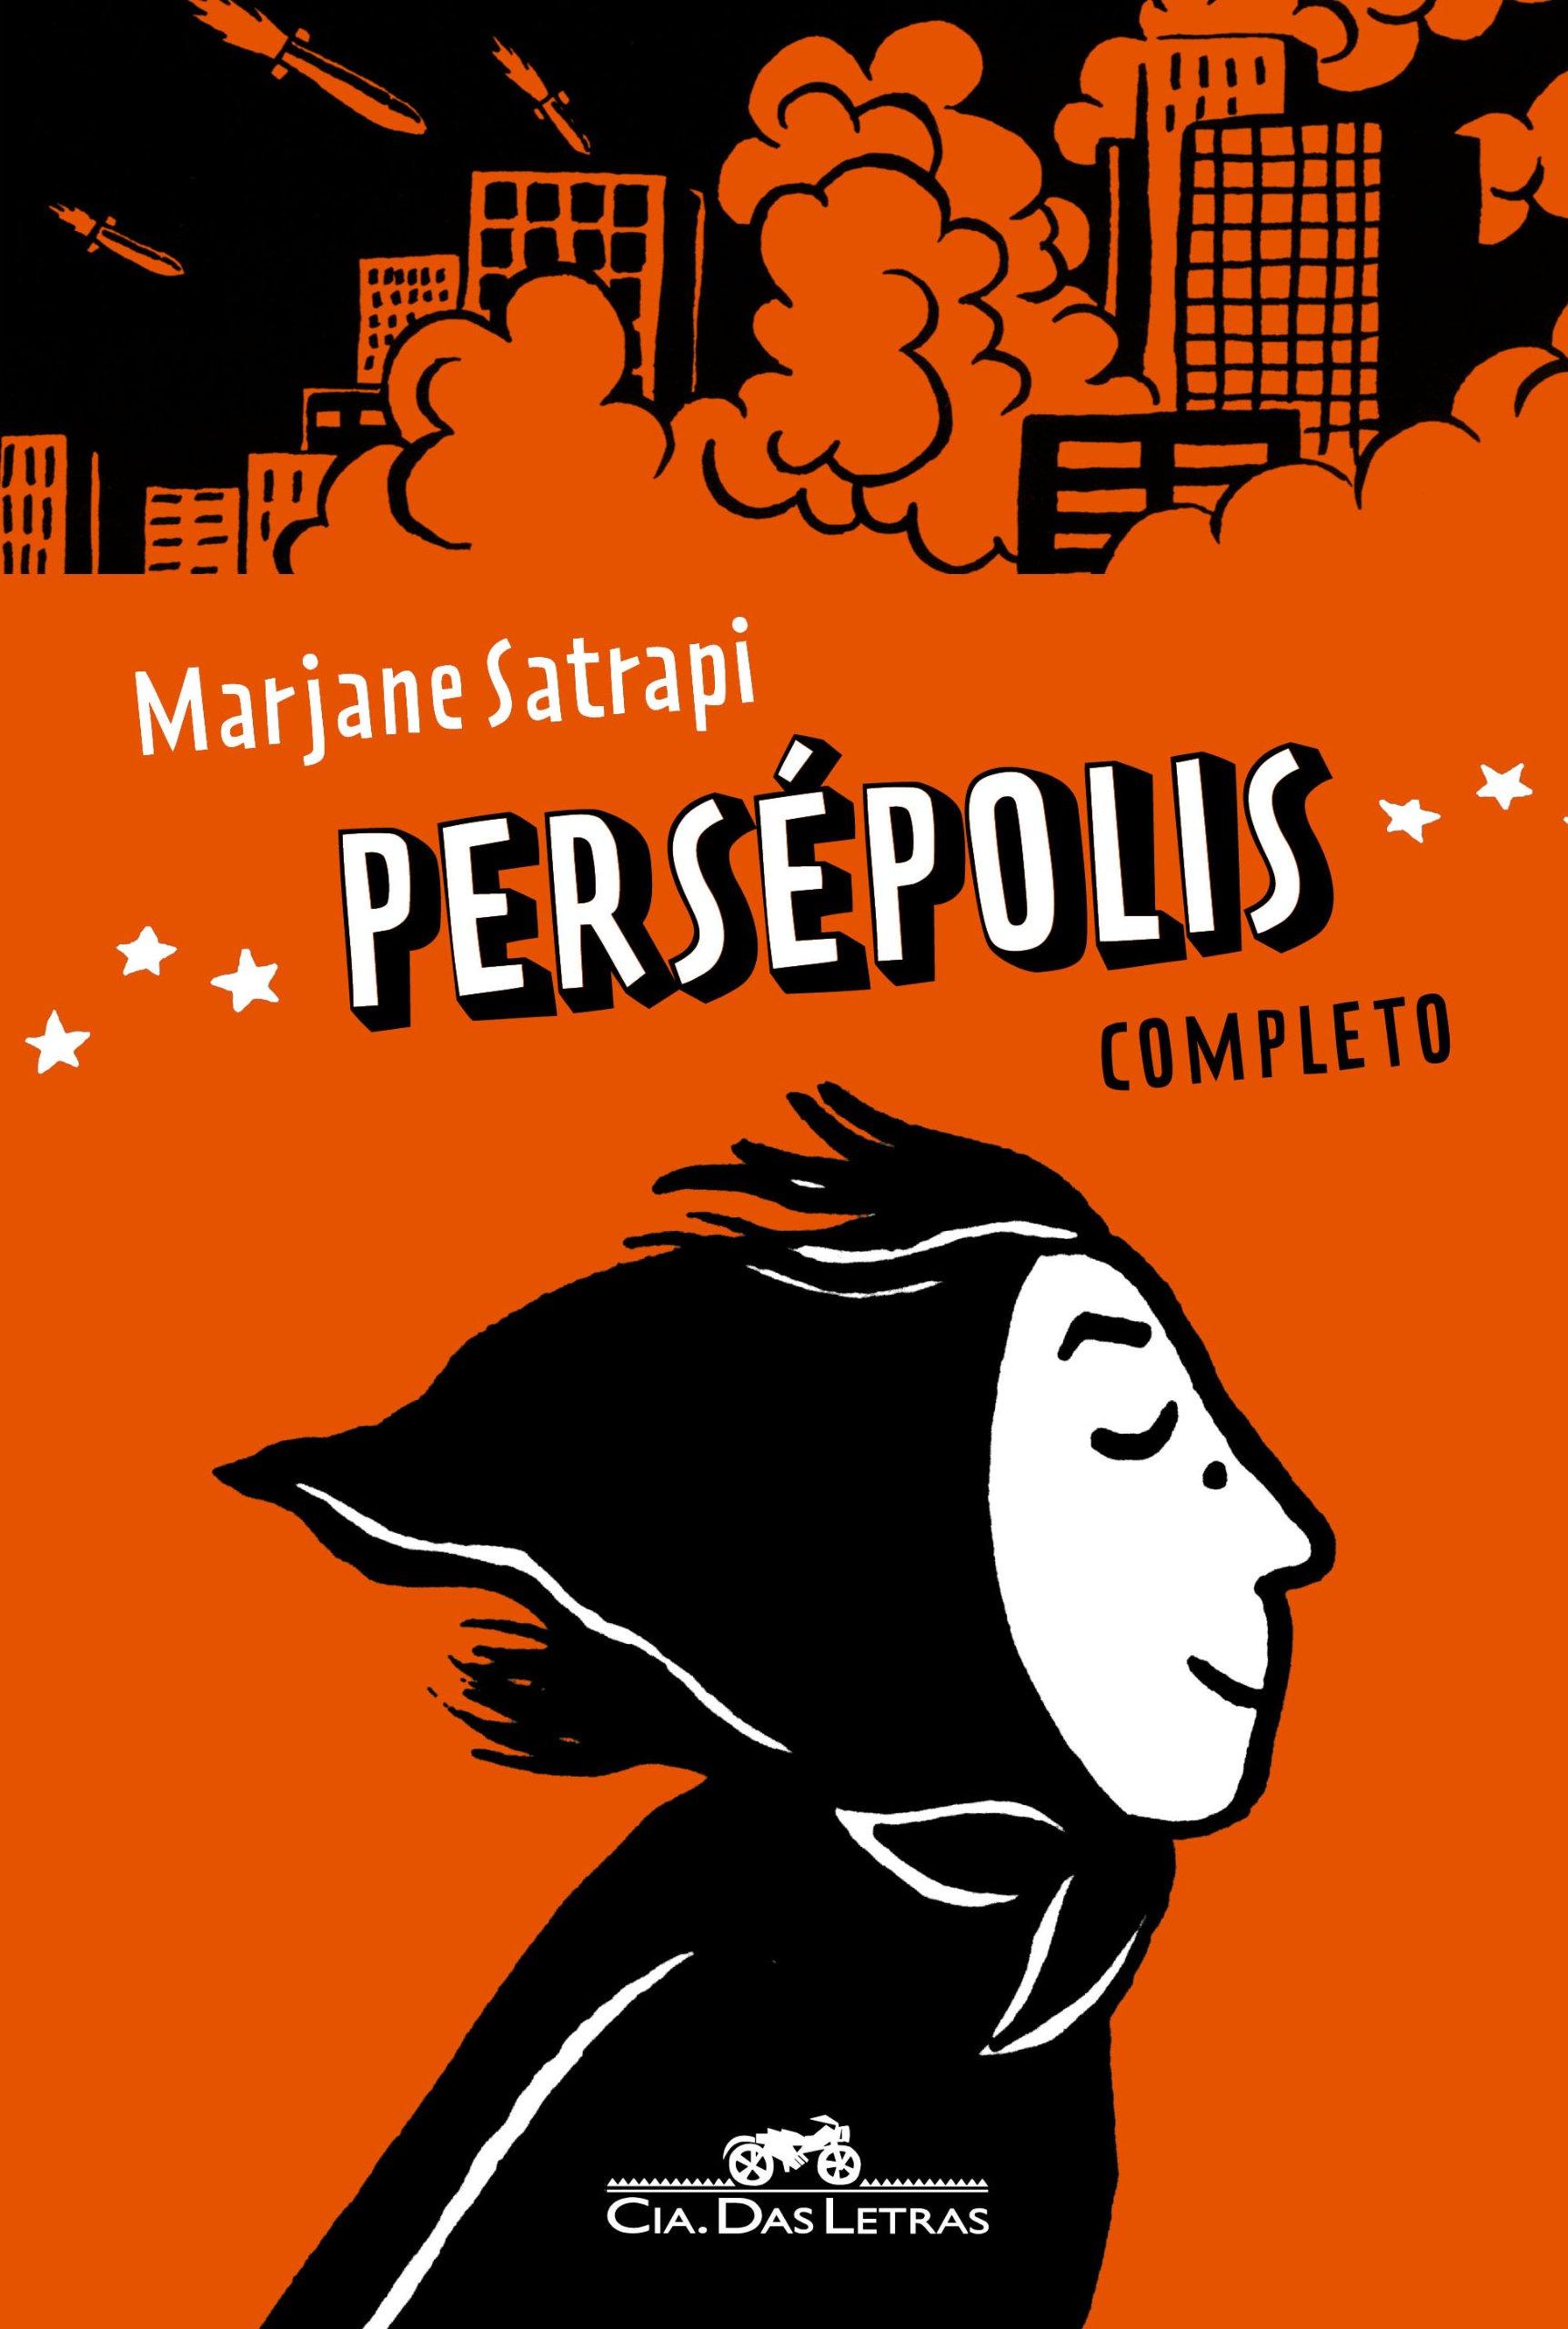 Persépolis – Marjane Satrapi